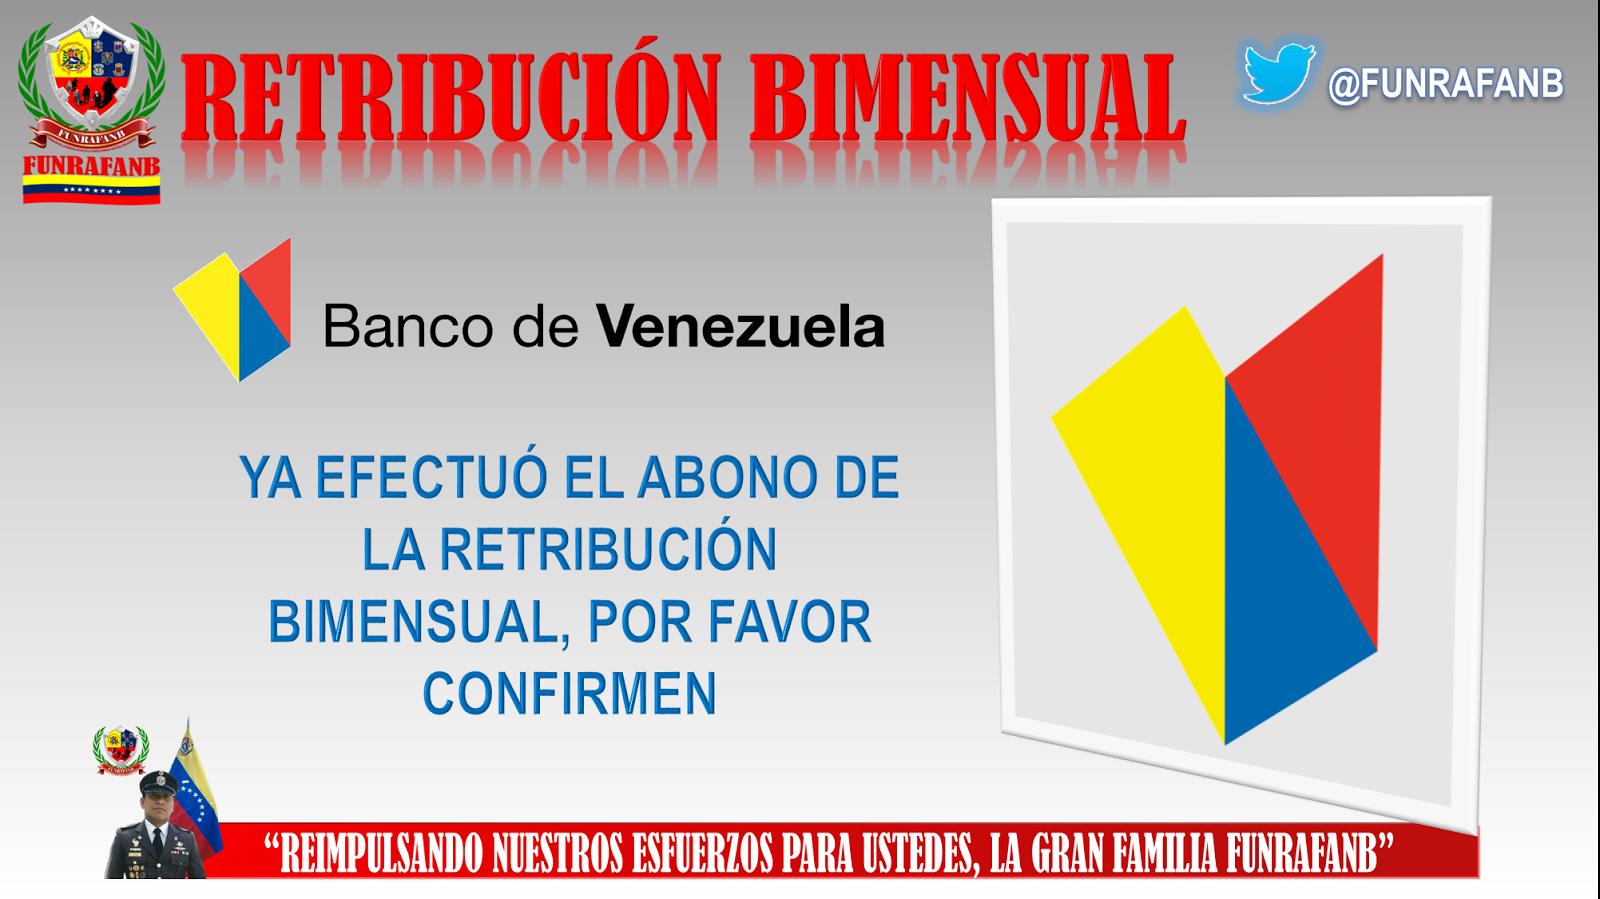 Banco de medicamentos venezuela